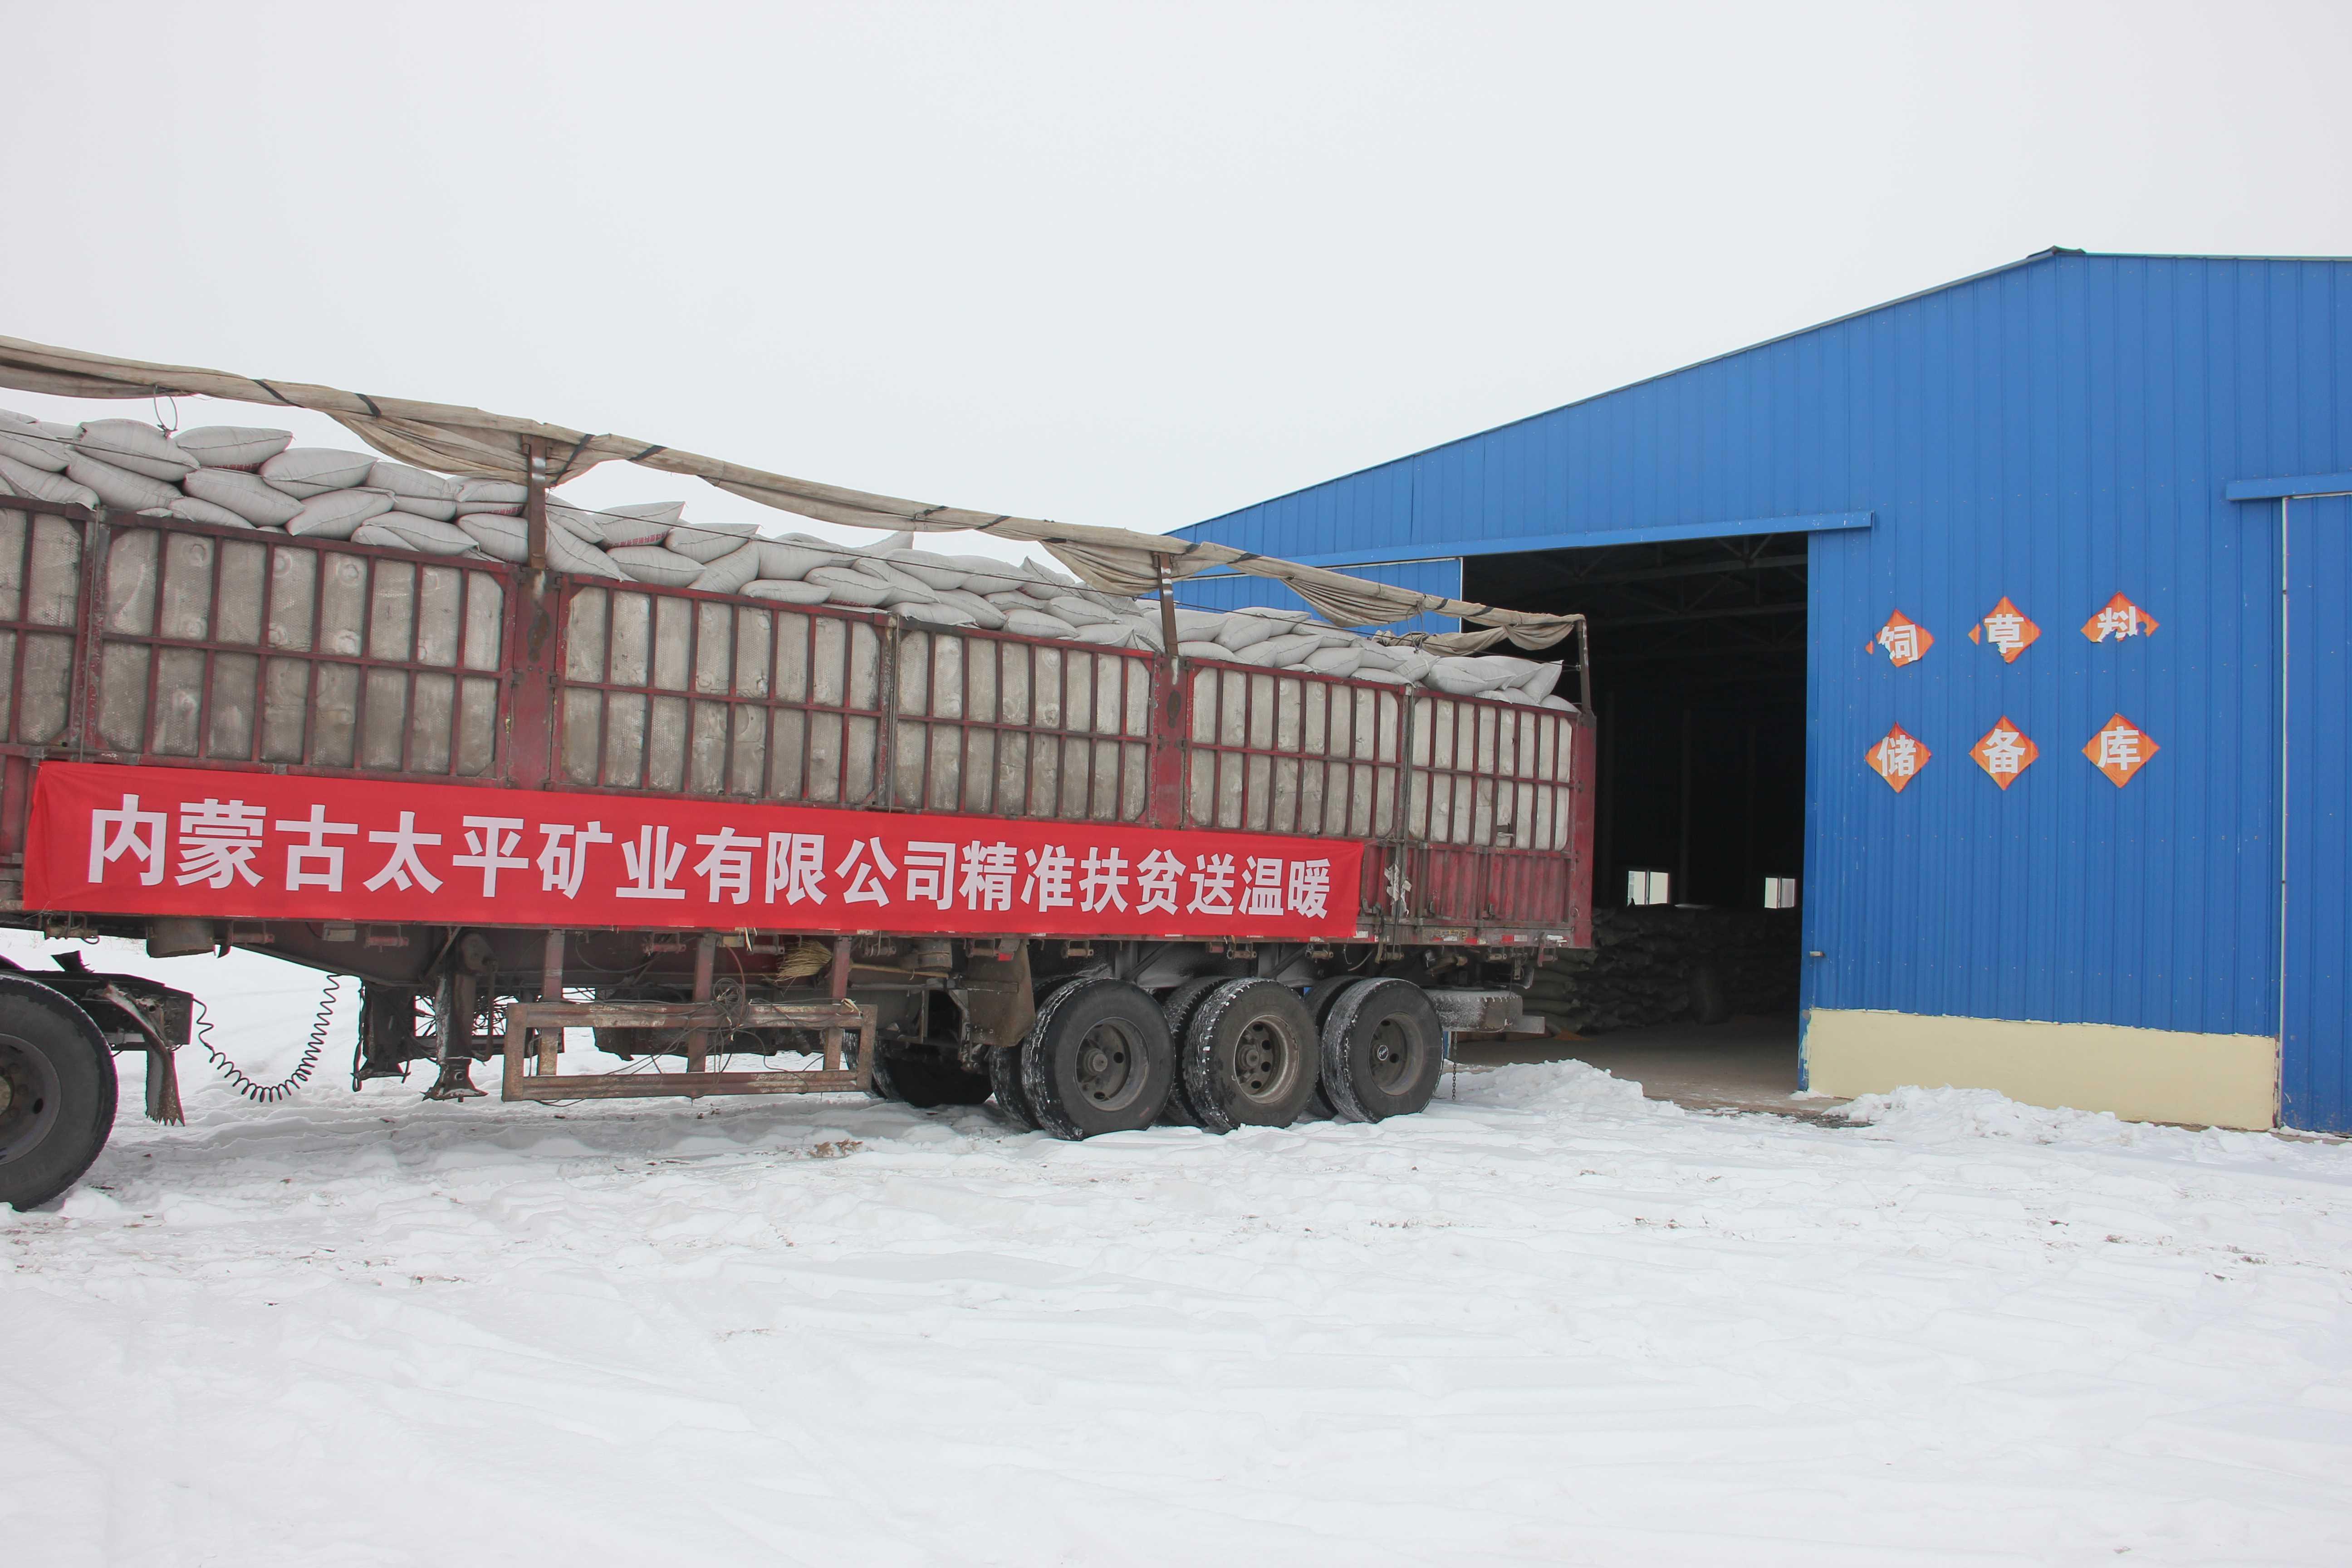 內蒙古太平精準扶貧送溫暖-內蒙古太平礦業有限公司急牧民之所急,義不容辭踐行精準扶貧送溫暖行動。